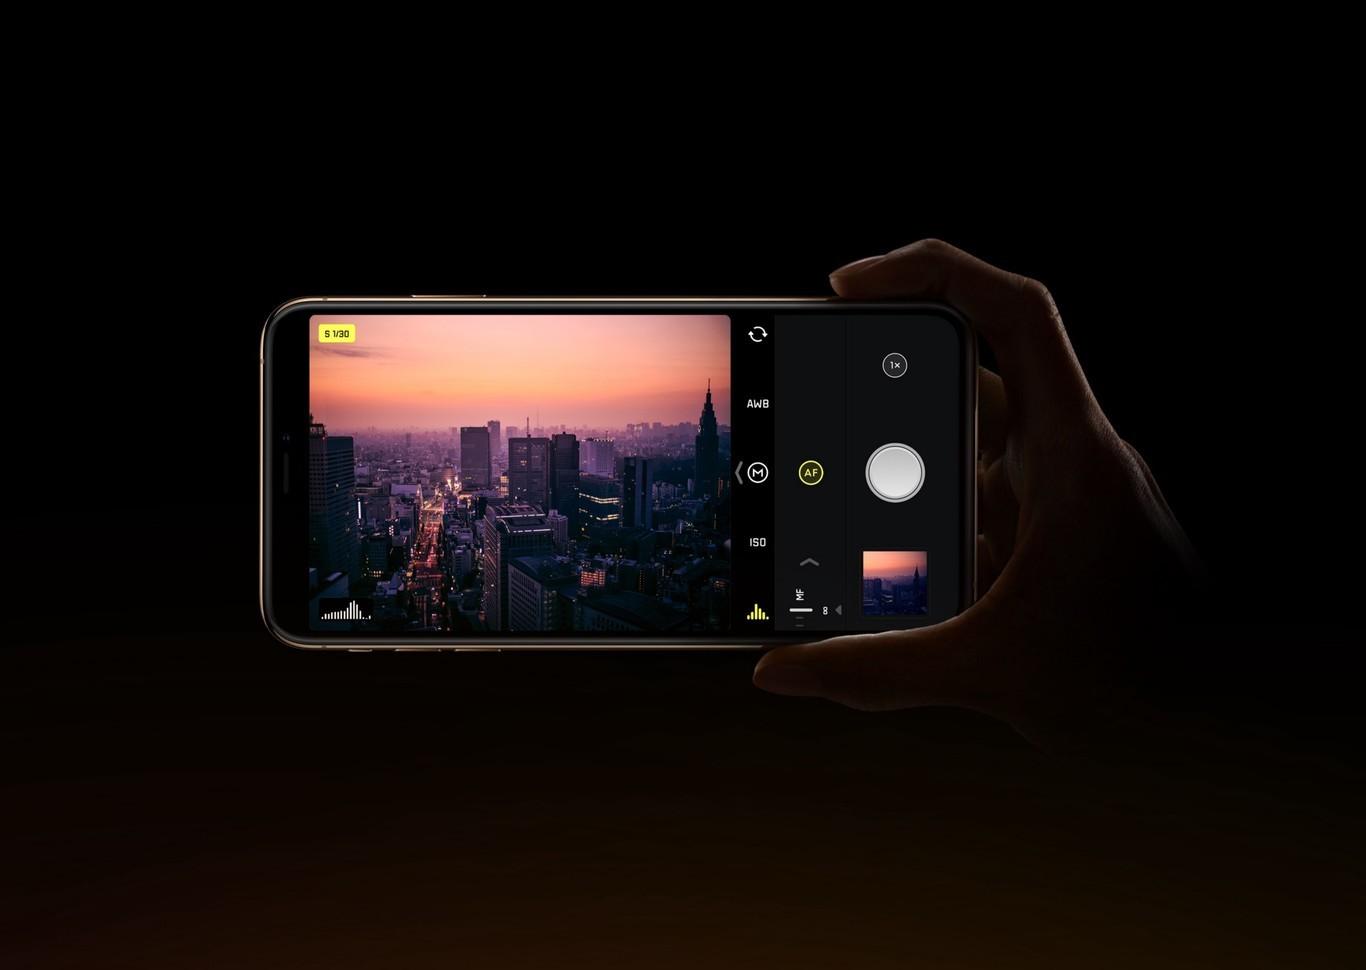 Con iOS 13 es posible cambiar la app de cámara por defecto, incluso en la pantalla de bloqueo